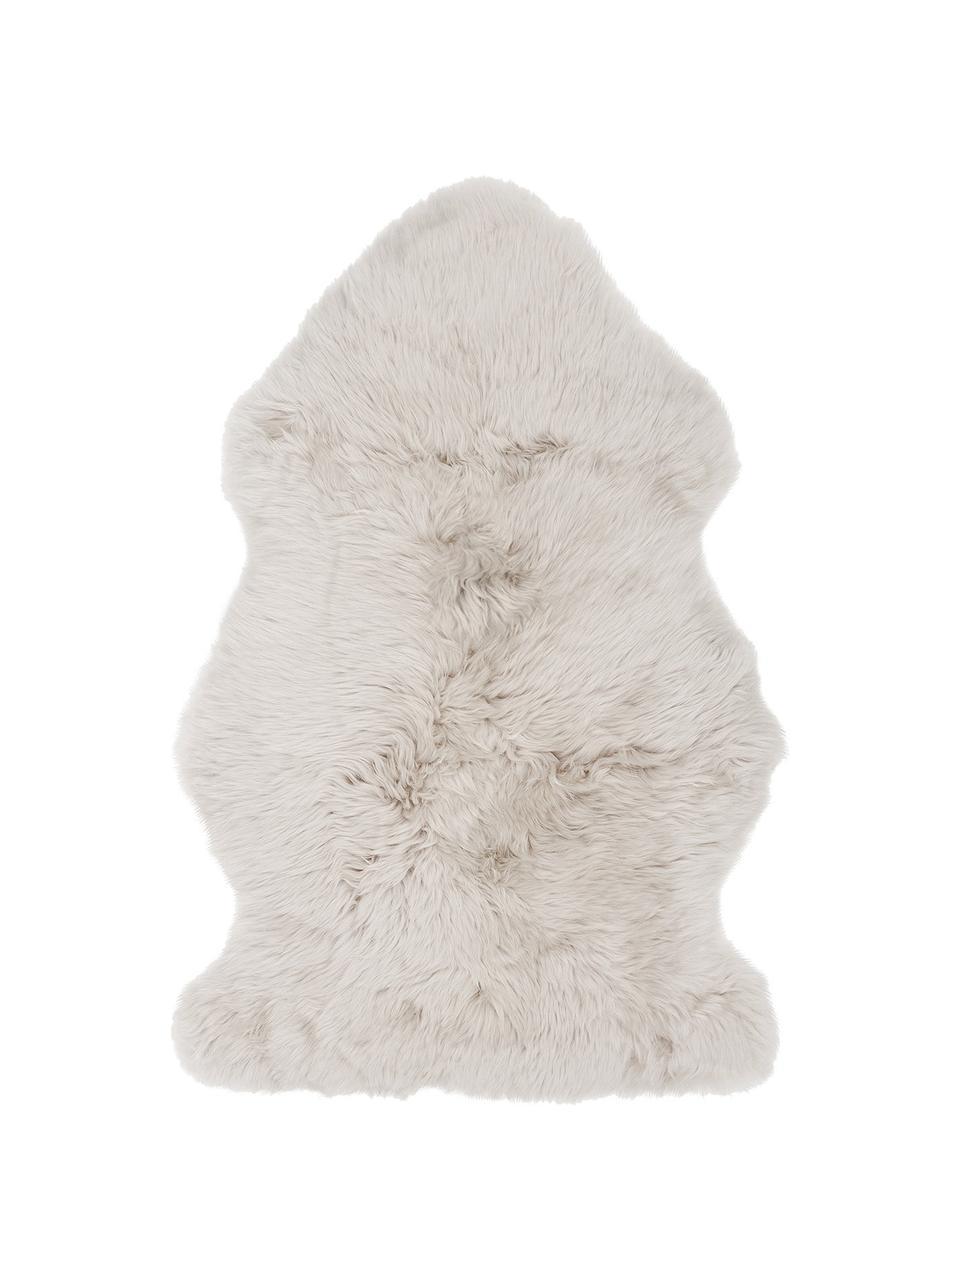 Schaffell Oslo, glatt, Flor: 100% Schaffell, Beige, 60 x 90 cm